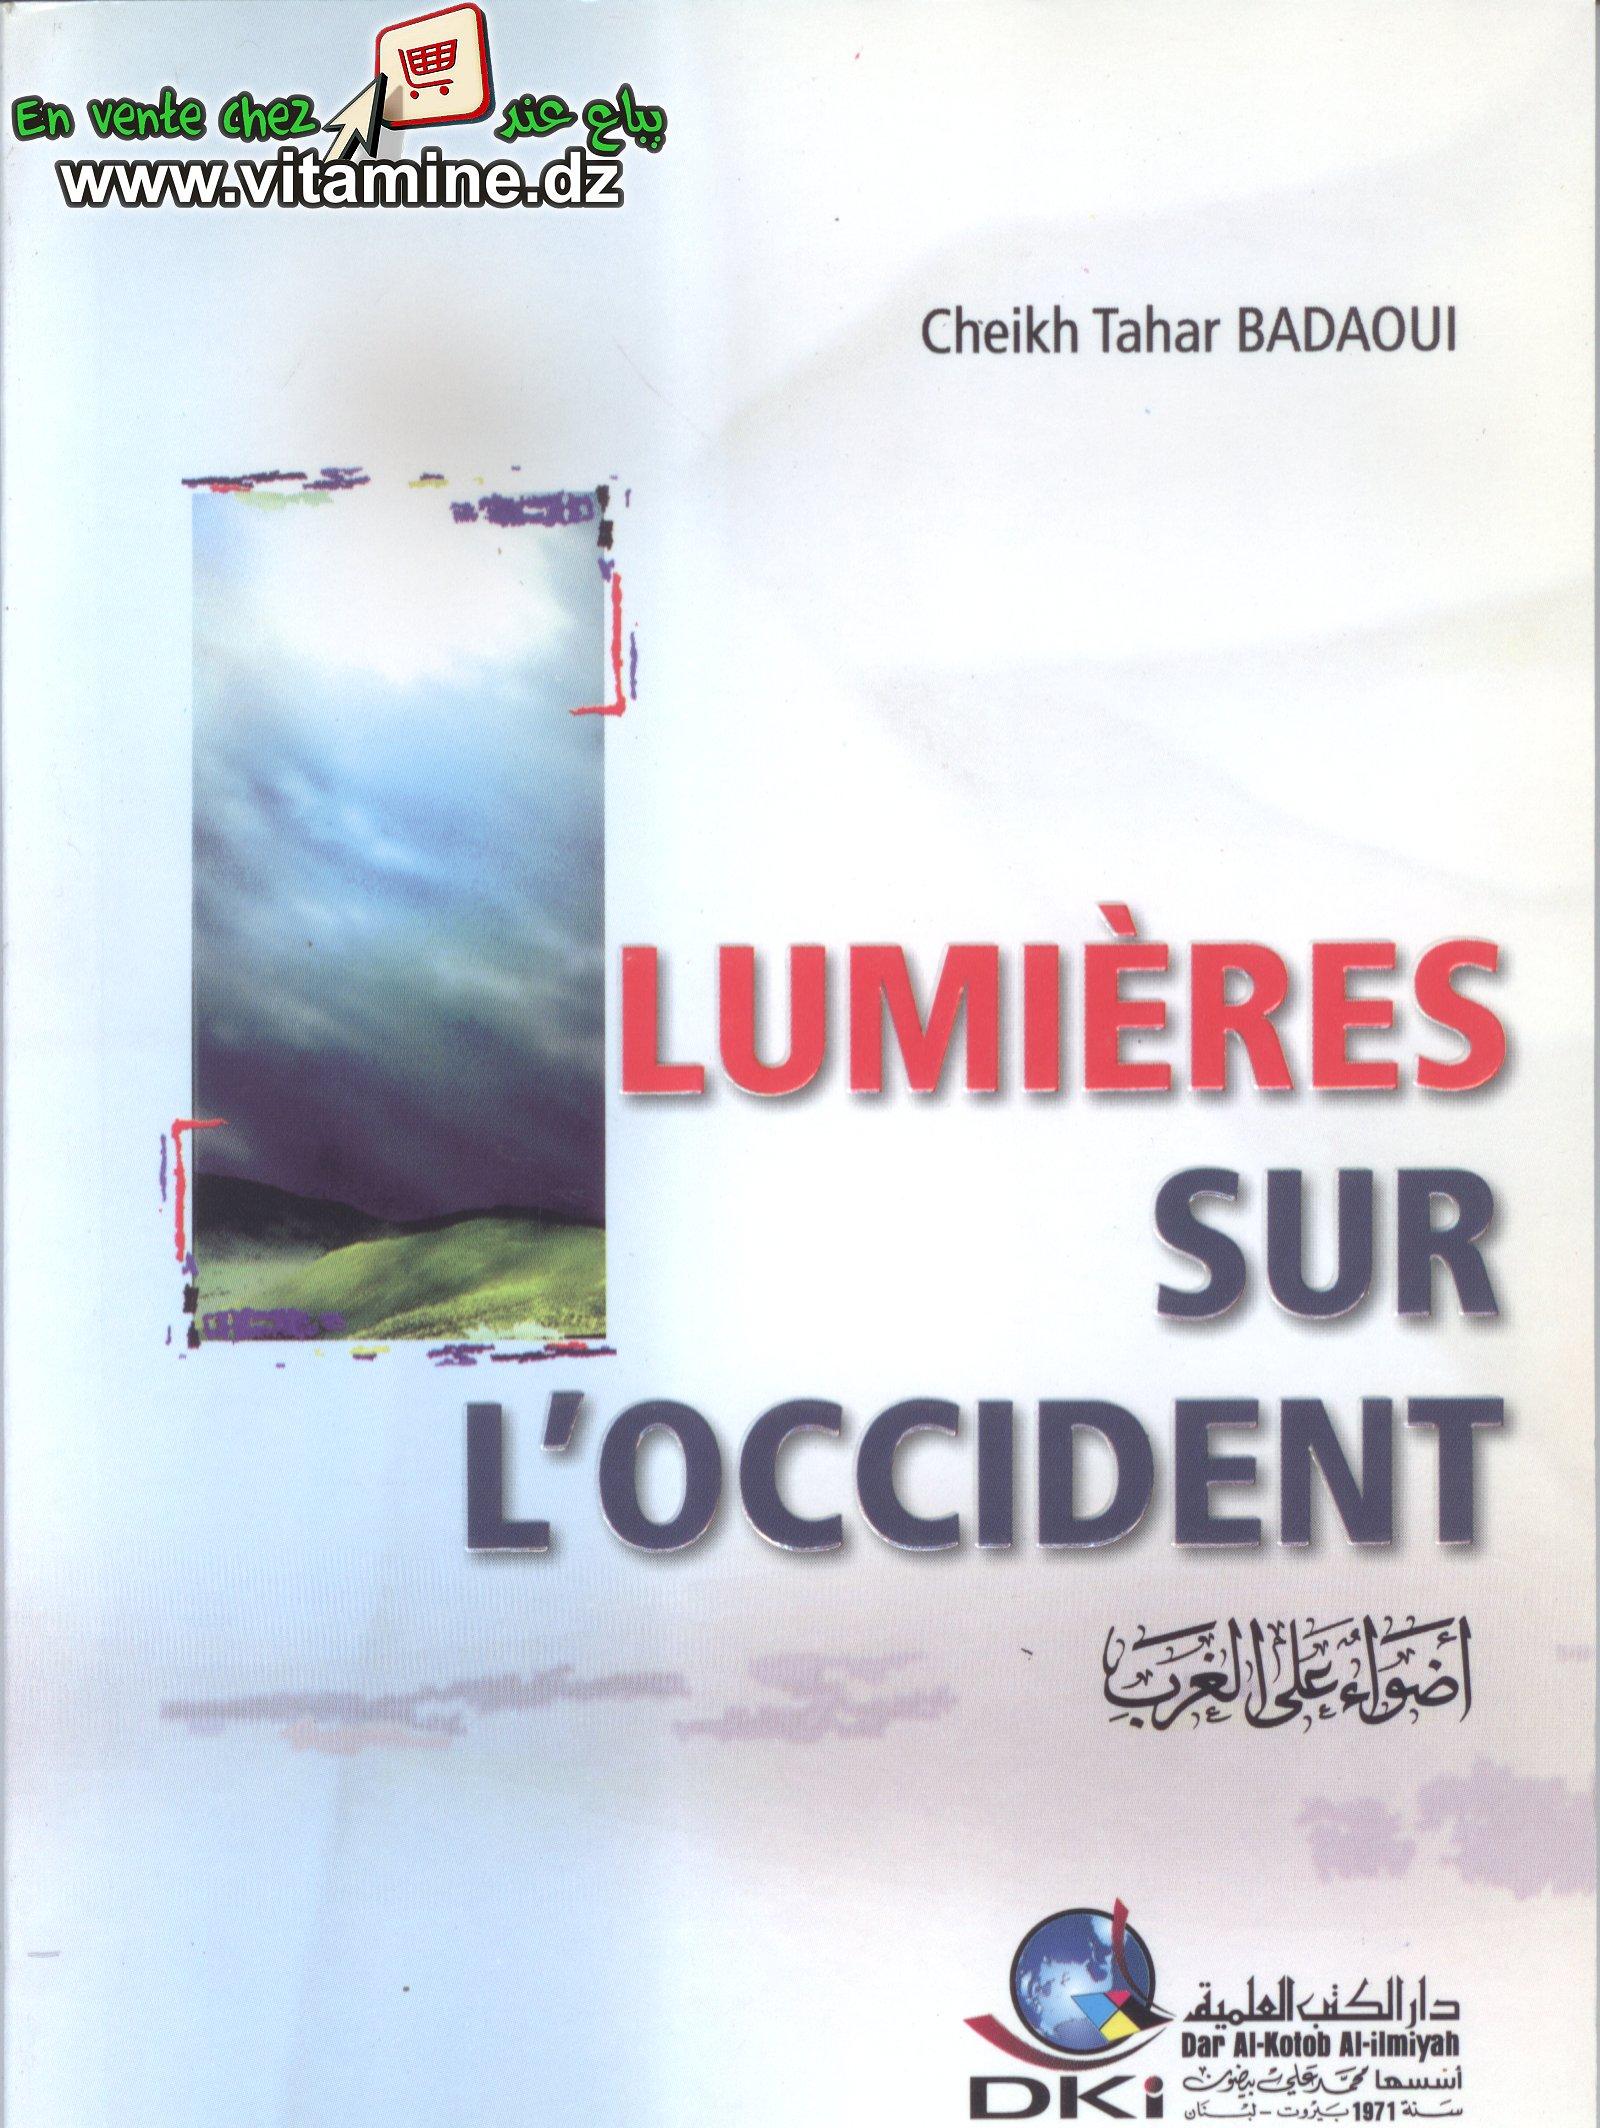 Cheikh Tahar Badaoui - Lumière sur l'occident